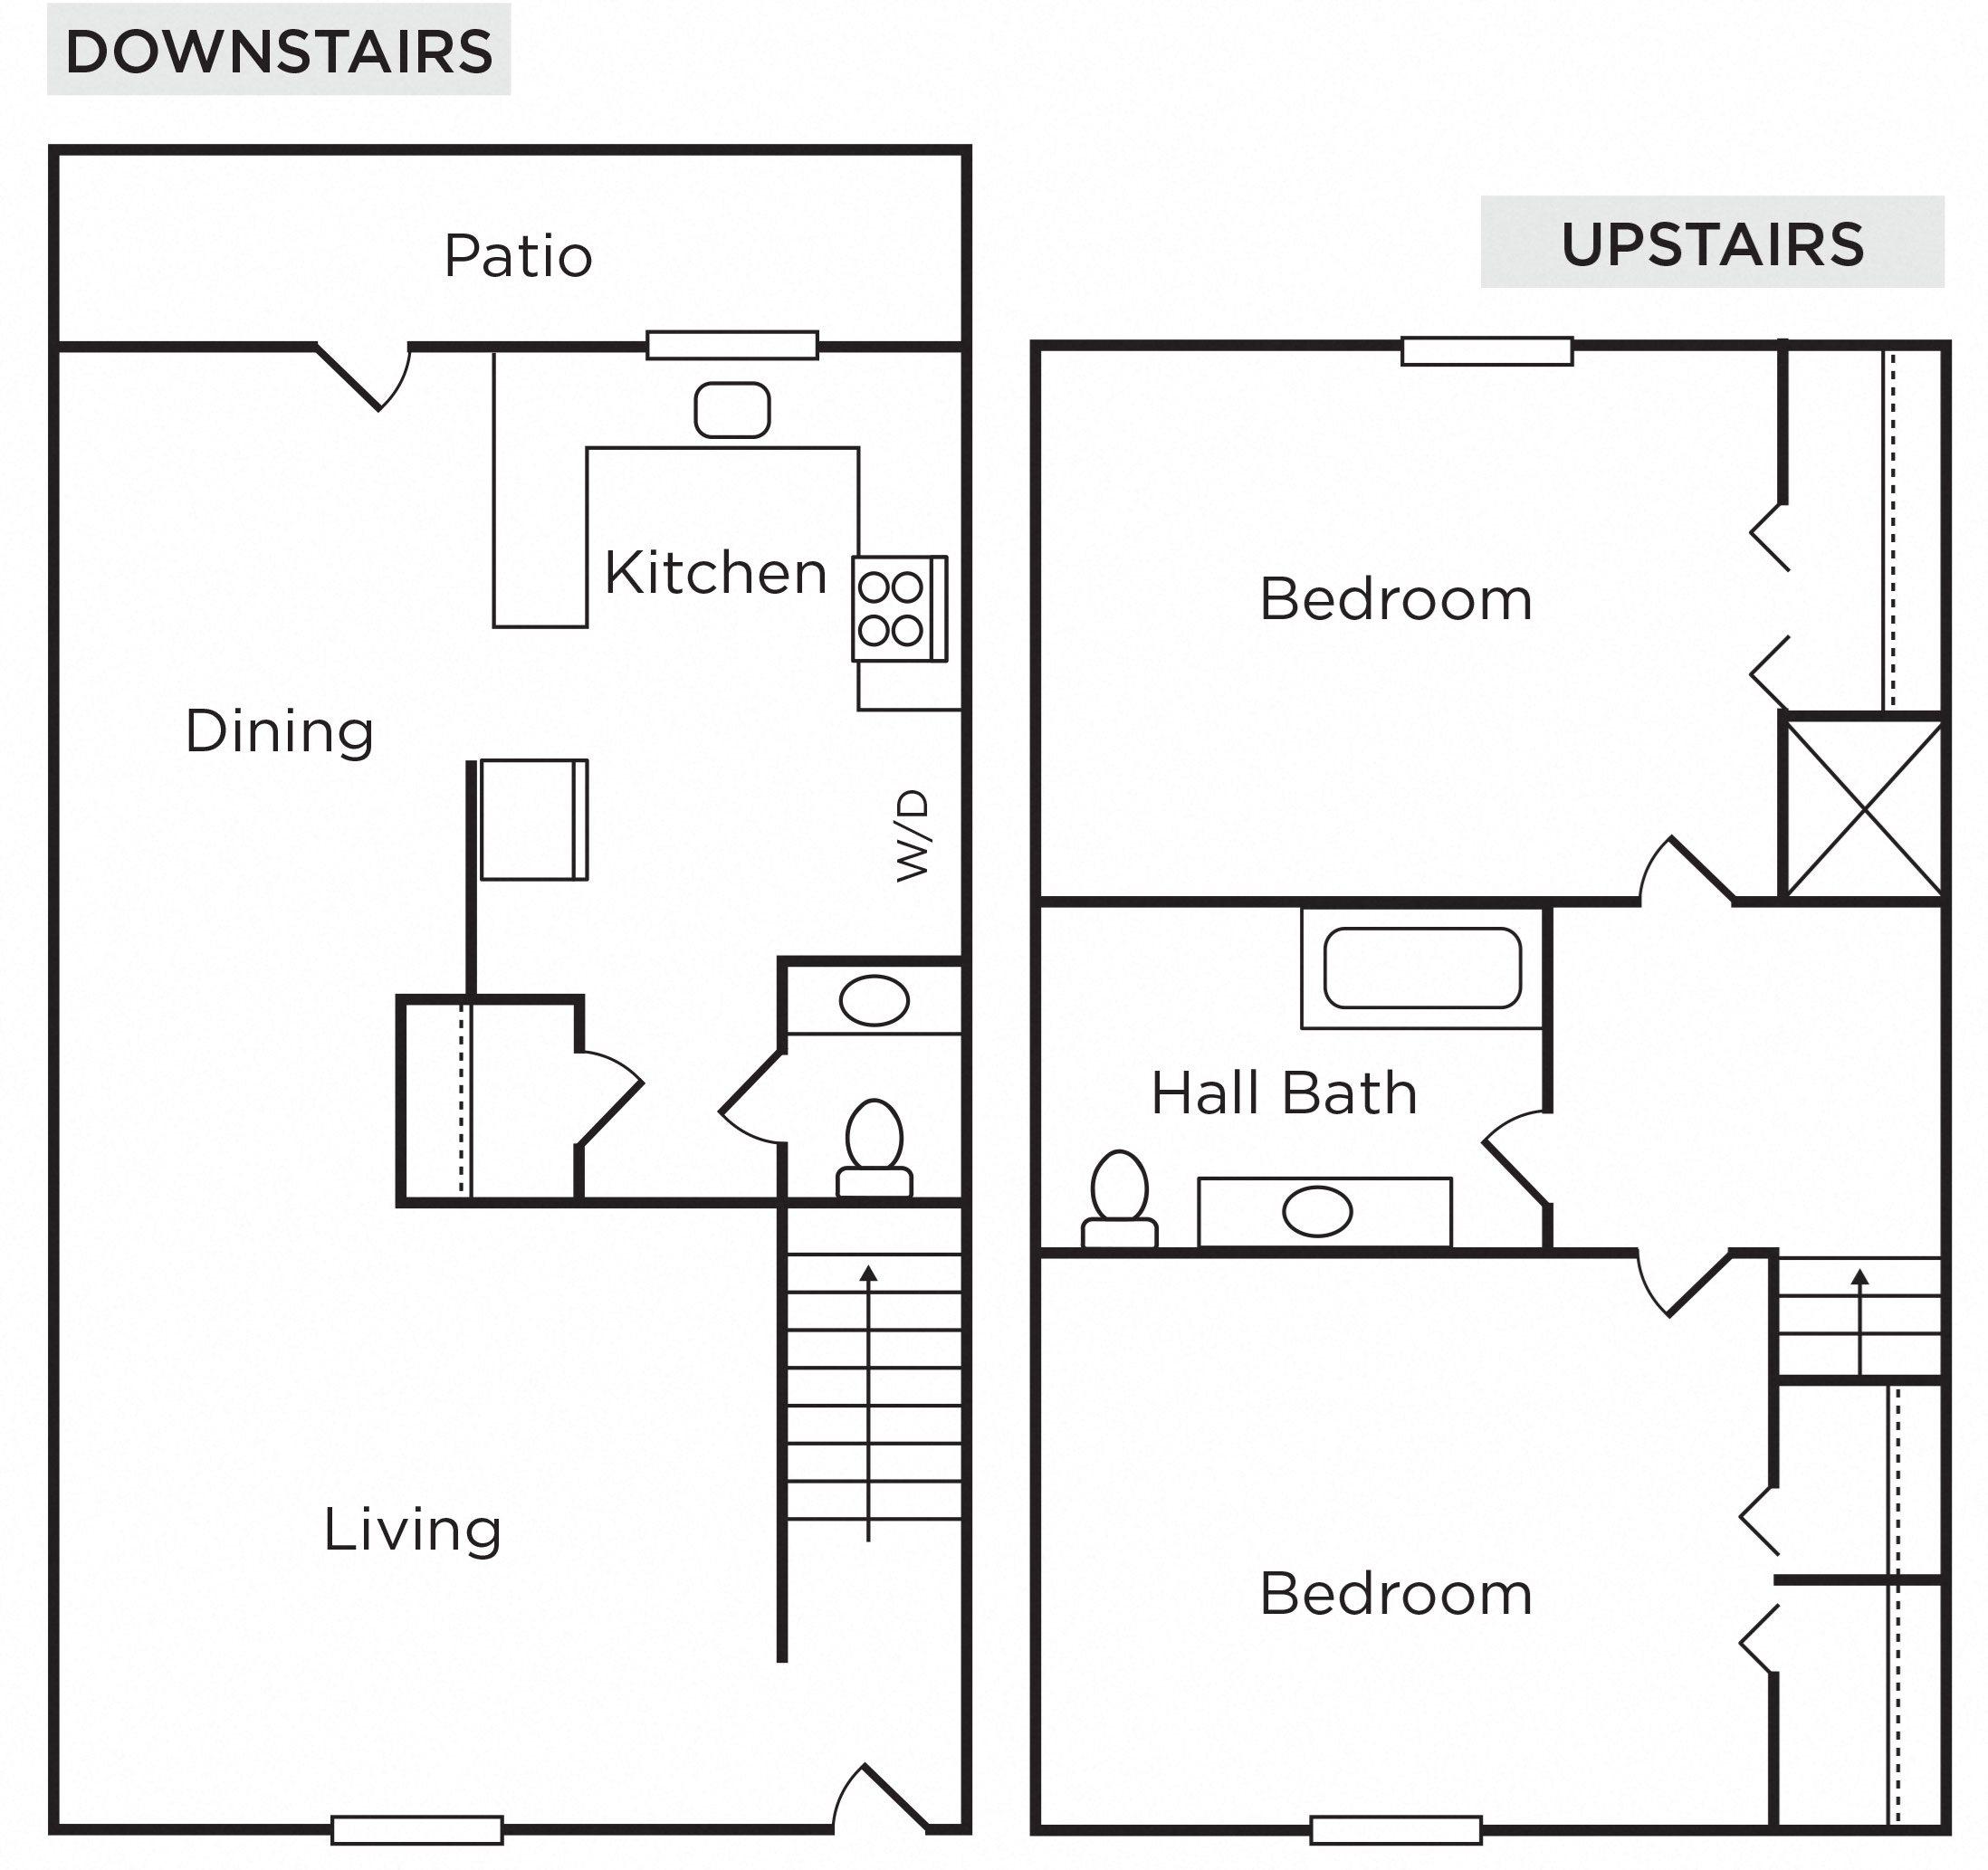 Vista Ridge Apartments EBrochure